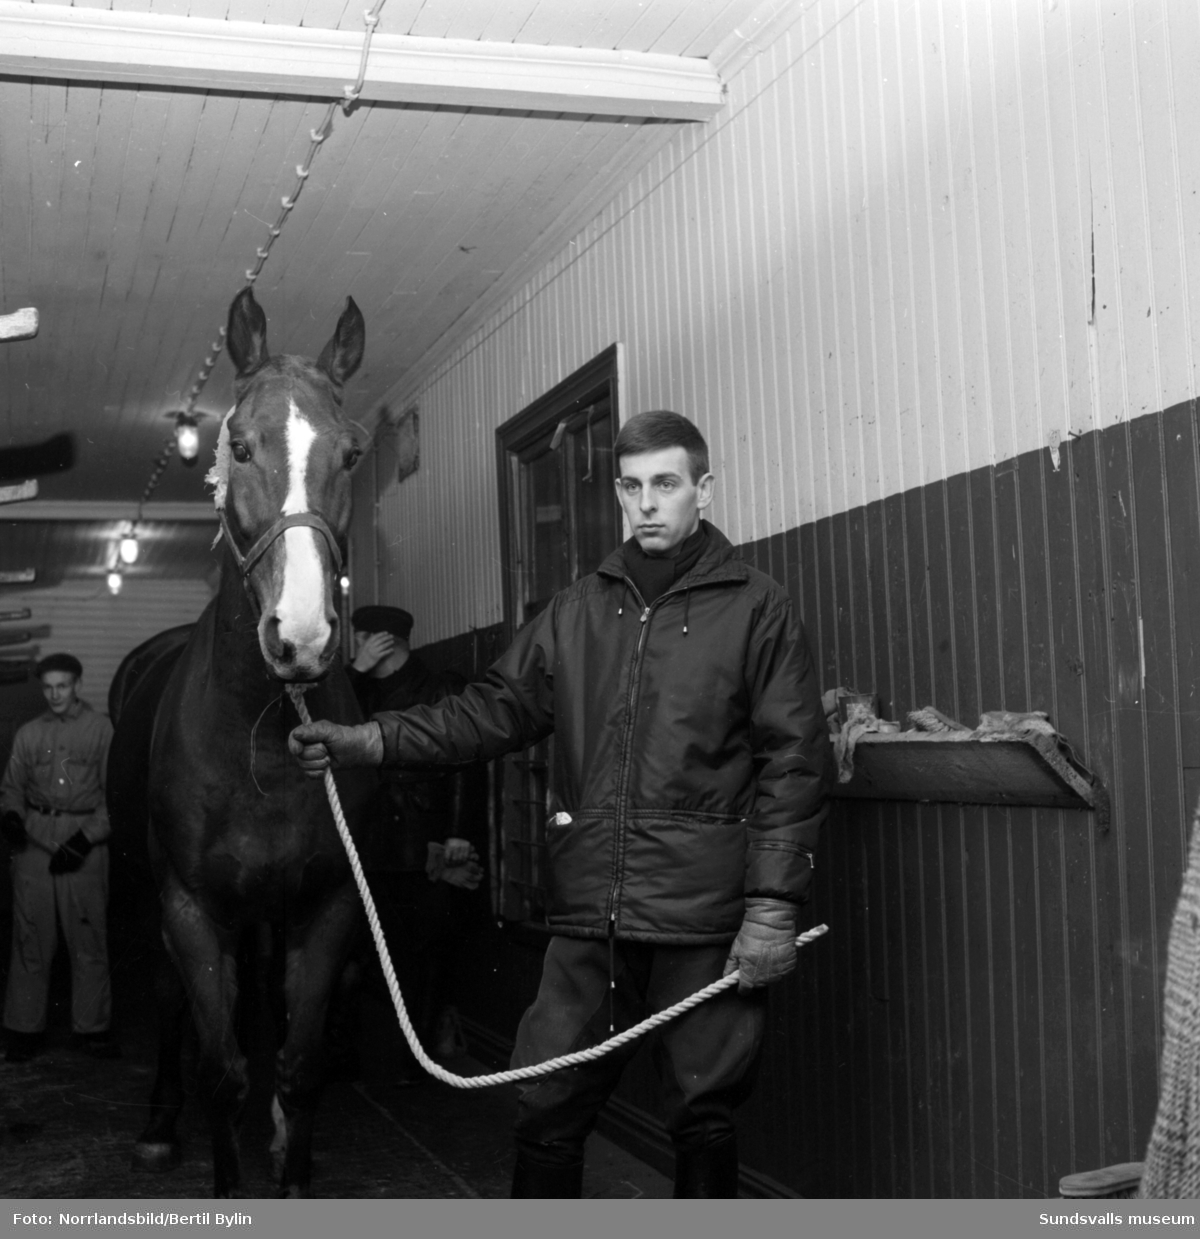 Nu lämnar polishästarna stallet. Den ridande polisen i Sundsvall läggs ned efter nära 32 år och de åtta kvarvarande hästarna lastas för transport söderut från stallet på Östra Långgatan, på tomten där OK numera ligger (2015). En sorglig dag för poliserna och stallpersonalen.